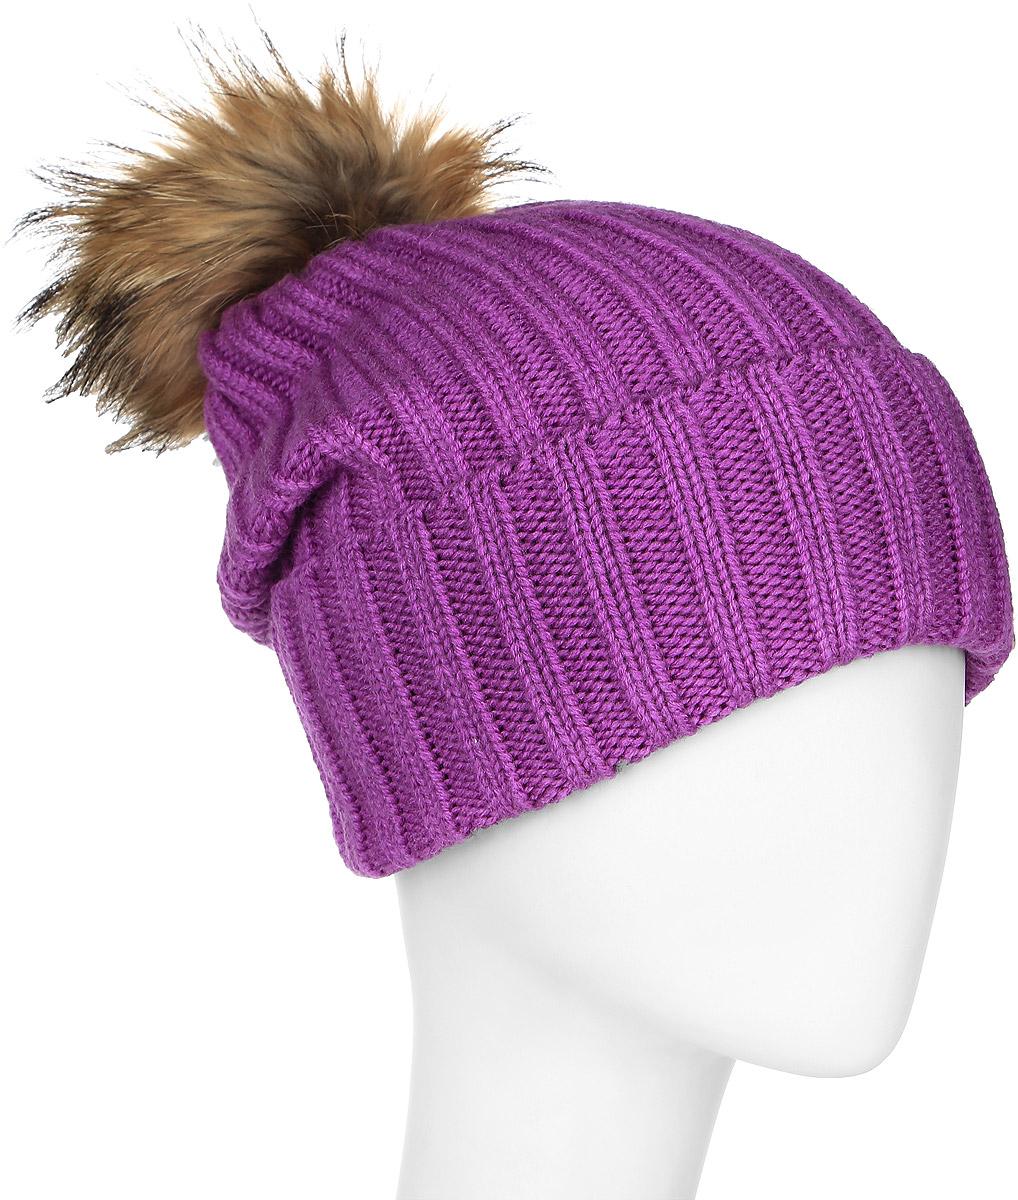 MLH6190Теплая женская шапка Marhatter отлично дополнит ваш образ в холодную погоду. Сочетание шерсти и акрила максимально сохраняет тепло и обеспечивает удобную посадку, невероятную легкость и мягкость. Удлиненная шапка с отворотом выполнена в лаконичном однотонном стиле и дополнена на макушке пушистым помпоном из натурального меха енота. Спереди модель дополнена небольшой металлической пластиной с изображением снежинки. Незаменимая вещь на прохладную погоду. Модель составит идеальный комплект с модной верхней одеждой, в ней вам будет уютно и тепло. Уважаемые клиенты! Размер, доступный для заказа, является обхватом головы.